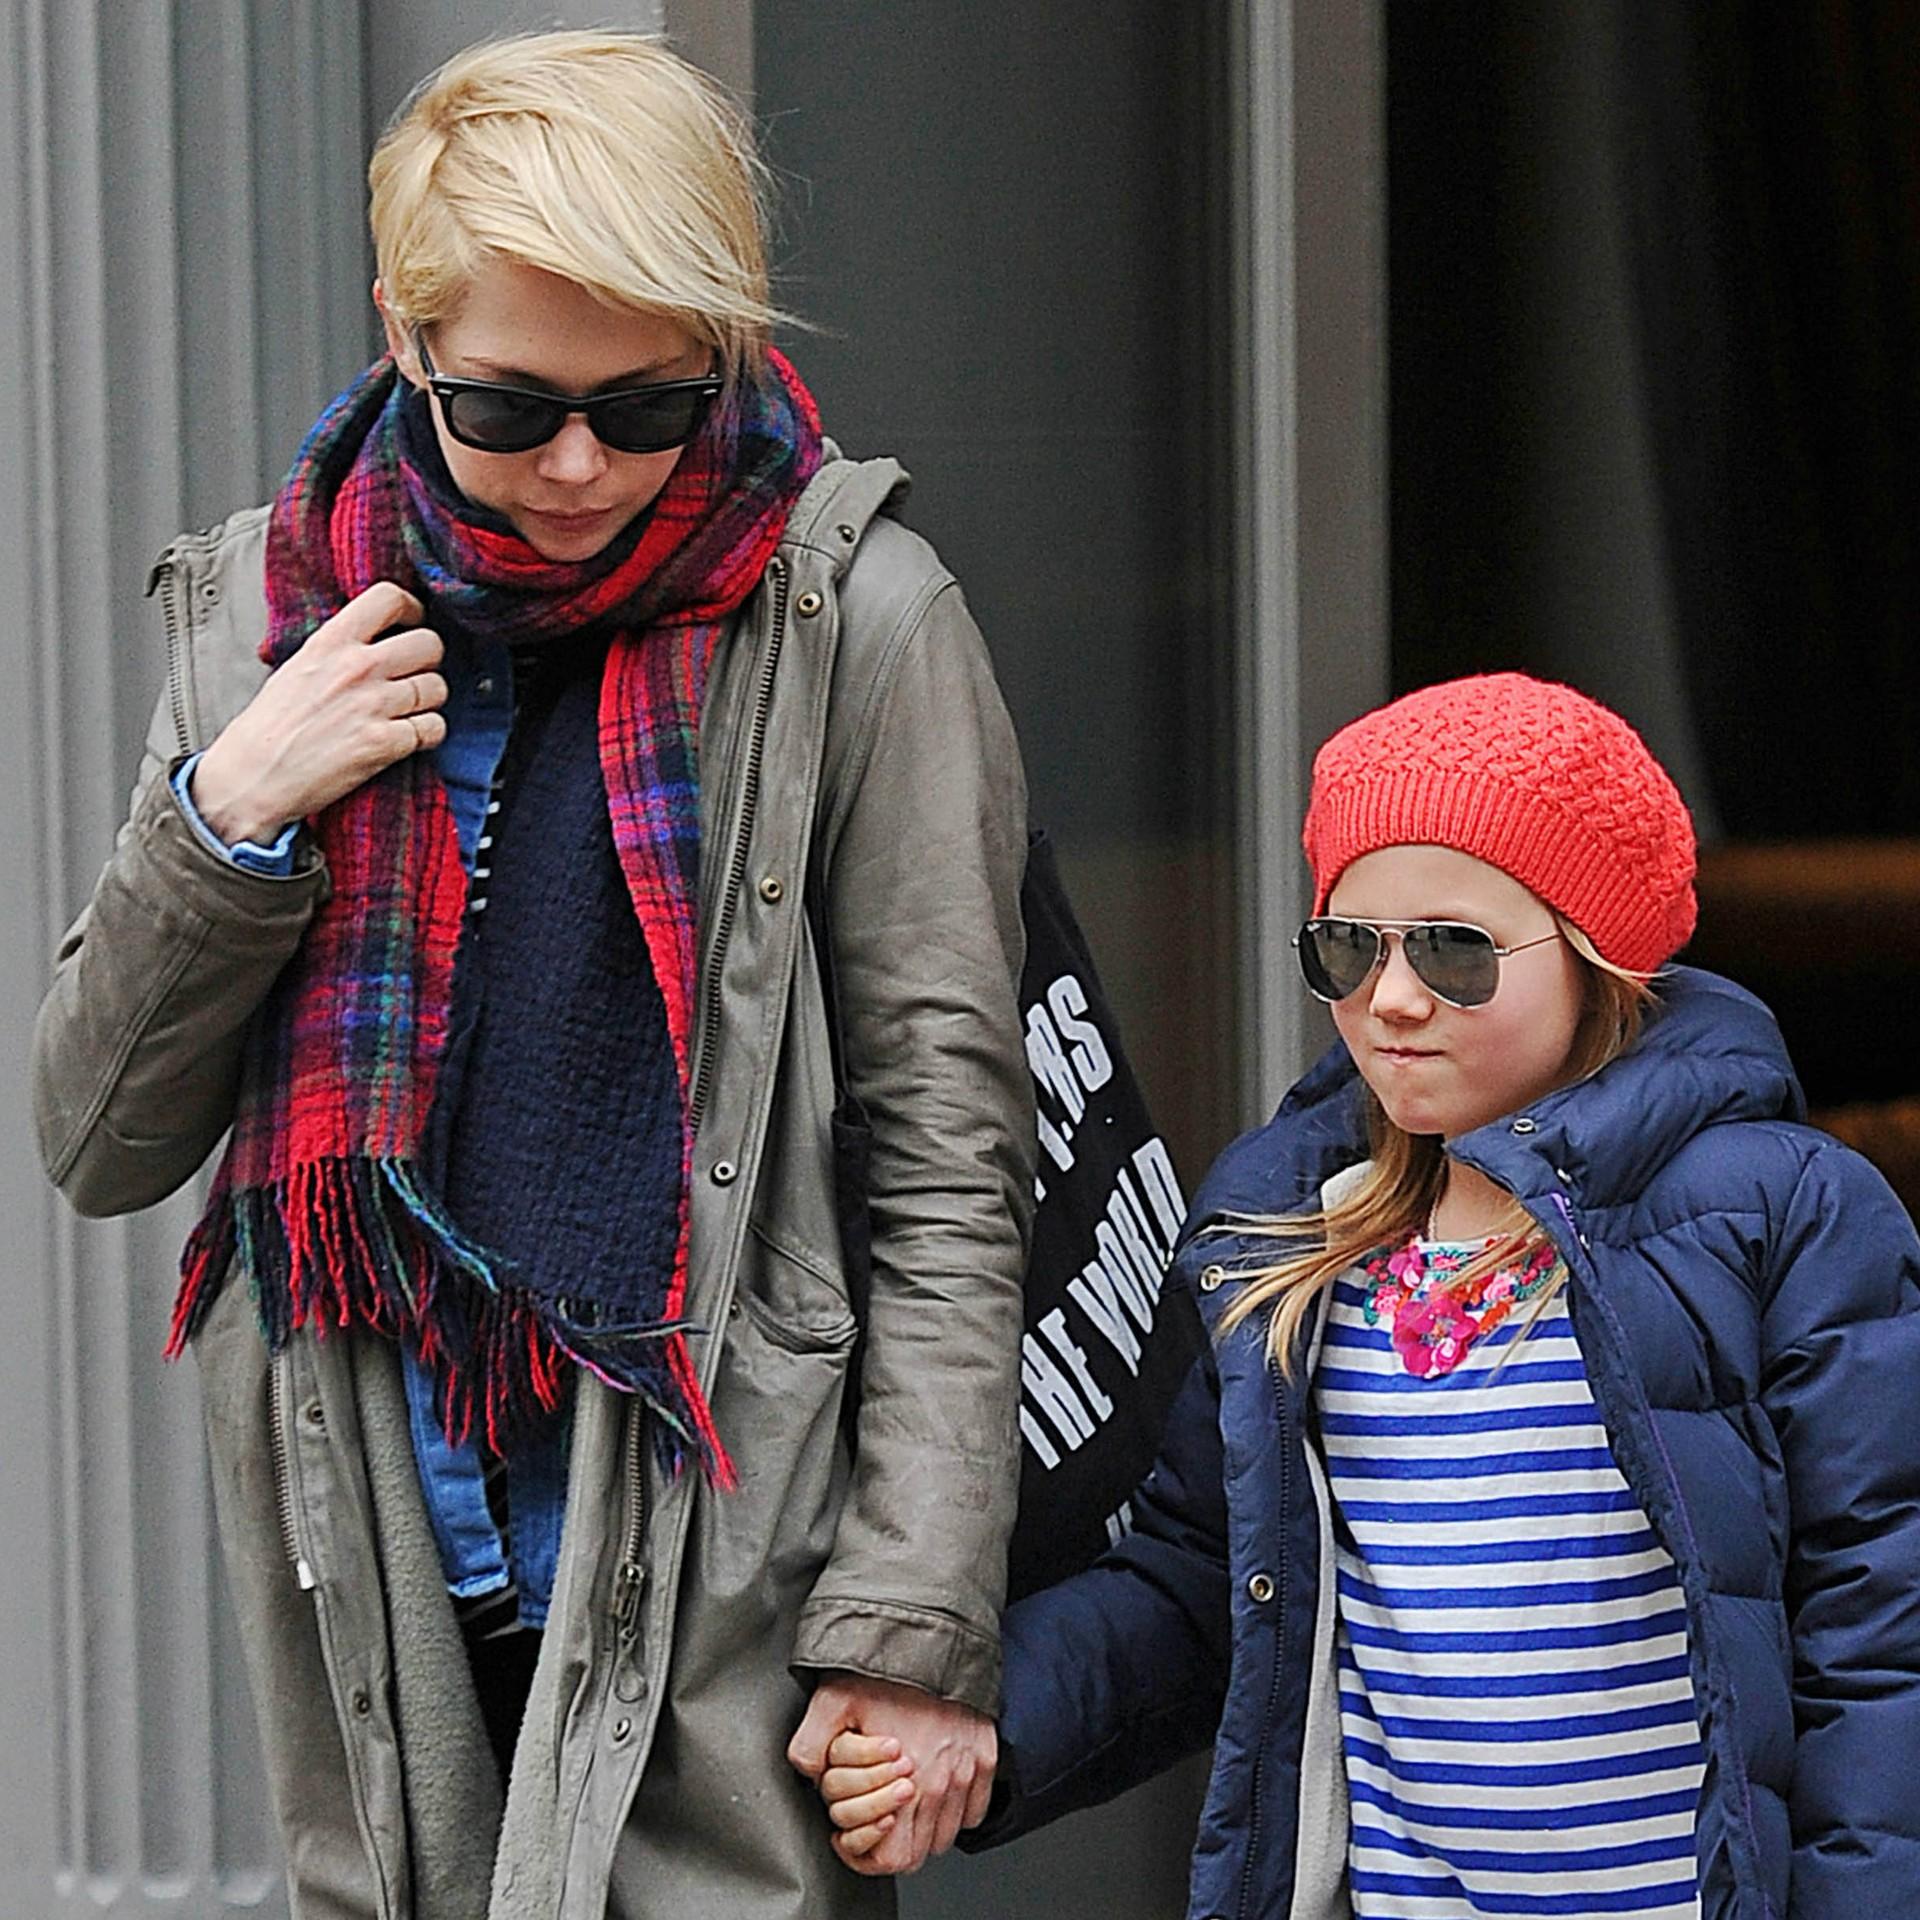 A atriz Michelle Williams é quem cuida de Matilda, a filha que teve com o ator Heath Ledger (1979-2008). (Foto: Getty Images)